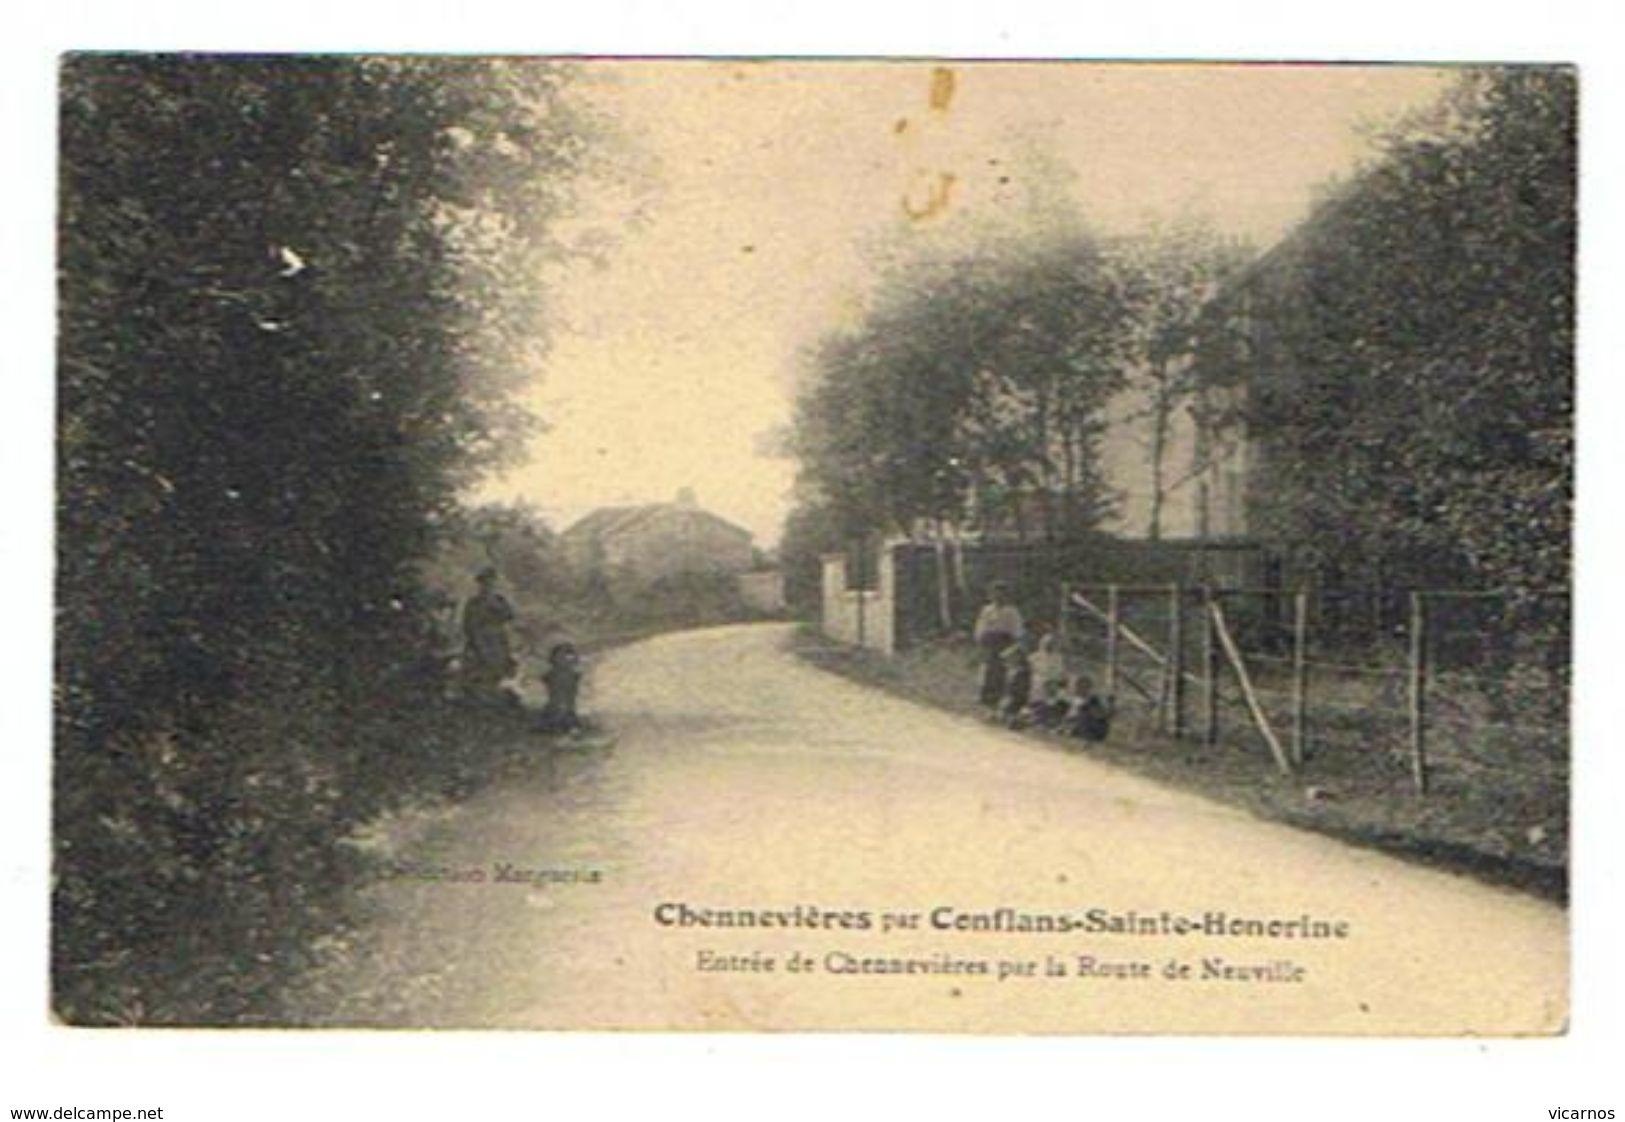 CPA 94 CHENNEVIERES Entrée De Chennevieres Par La Route De Neuville - Chennevieres Sur Marne